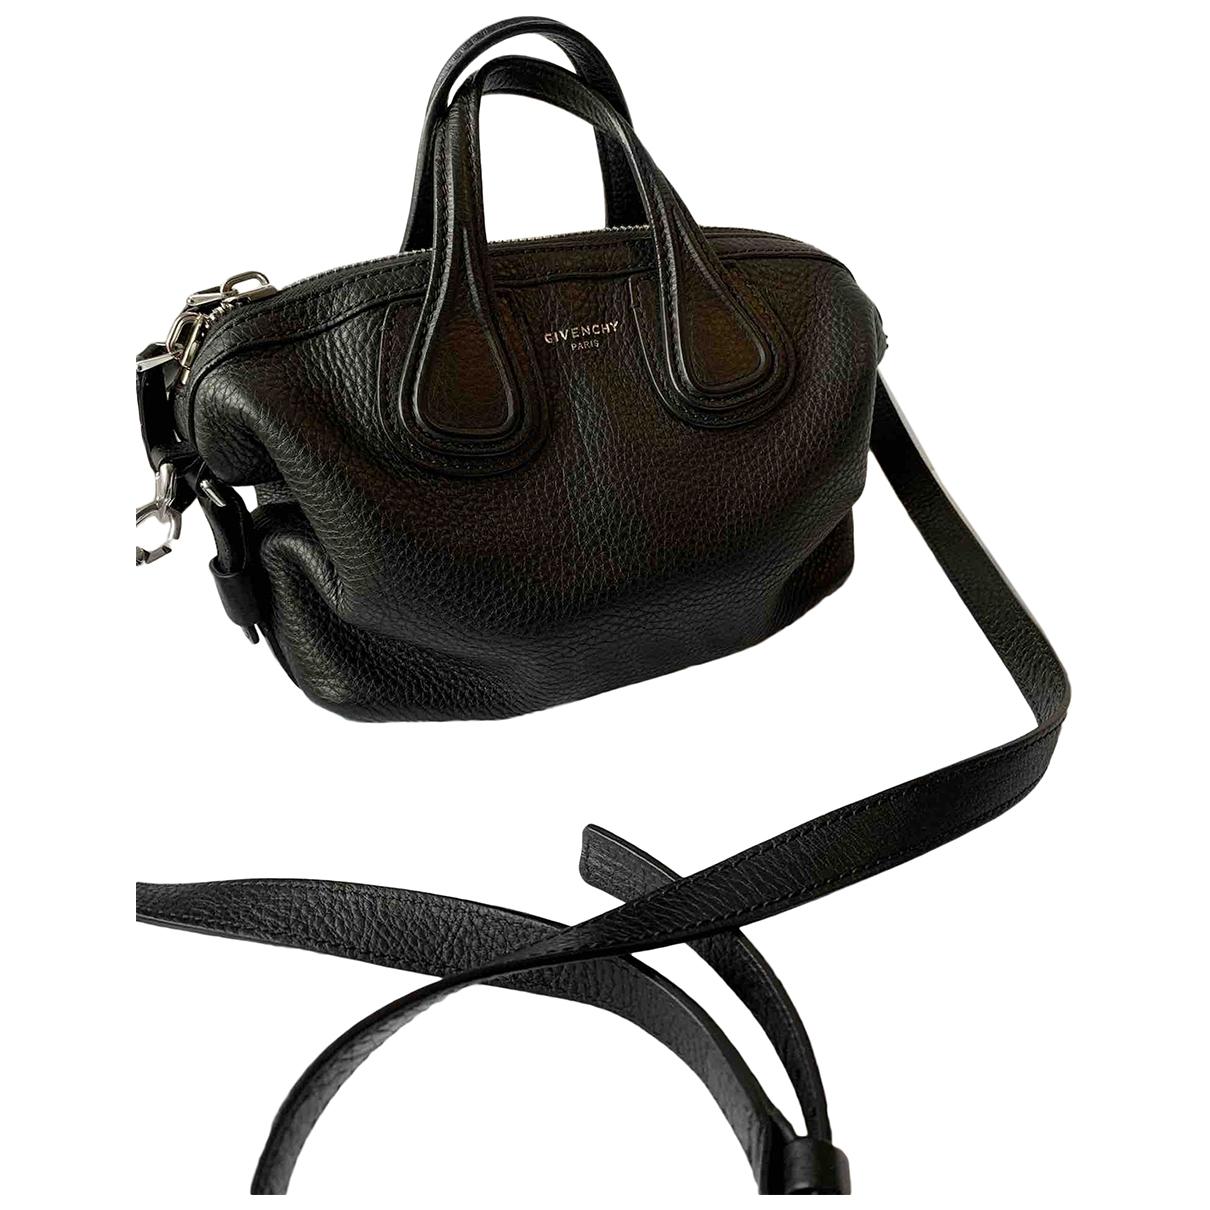 Givenchy - Sac a main Nightingale pour femme en cuir - noir